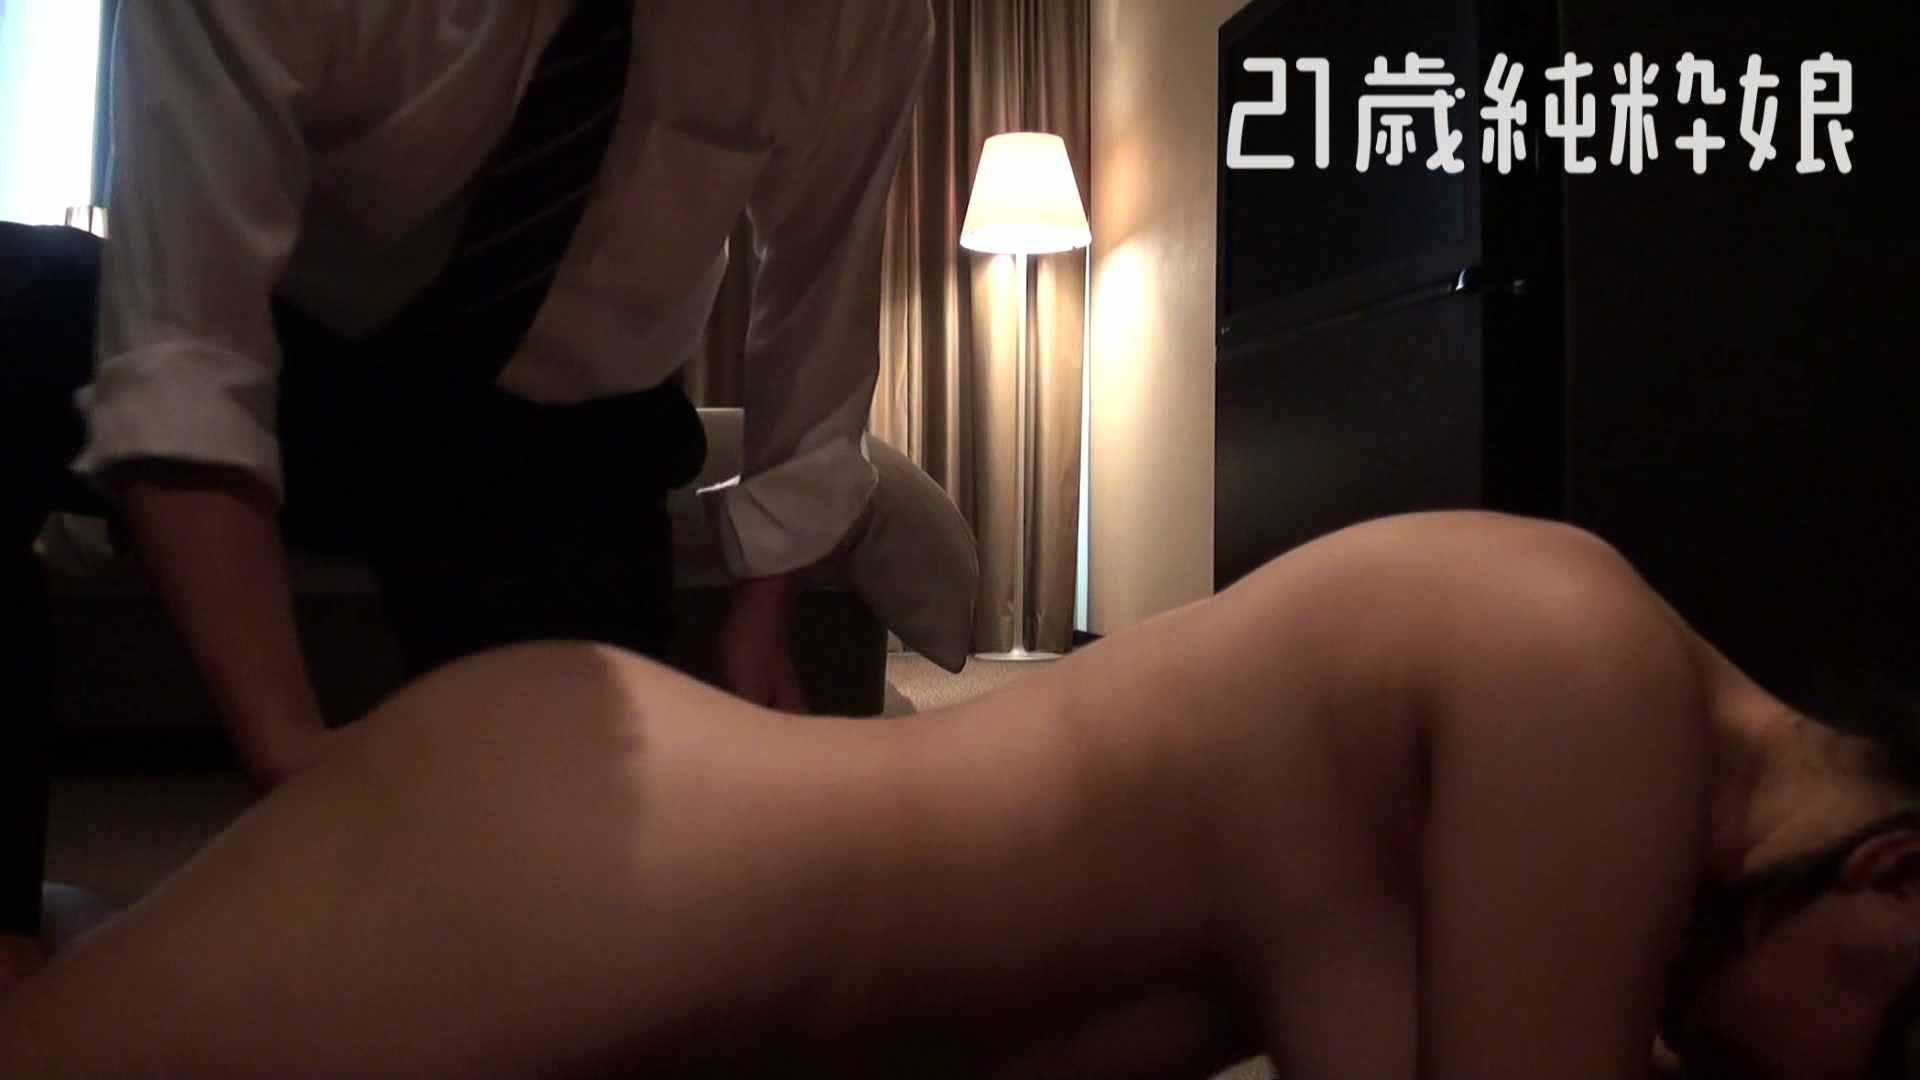 上京したばかりのGカップ21歳純粋嬢を都合の良い女にしてみた2 オナニー 盗み撮り動画キャプチャ 97連発 62